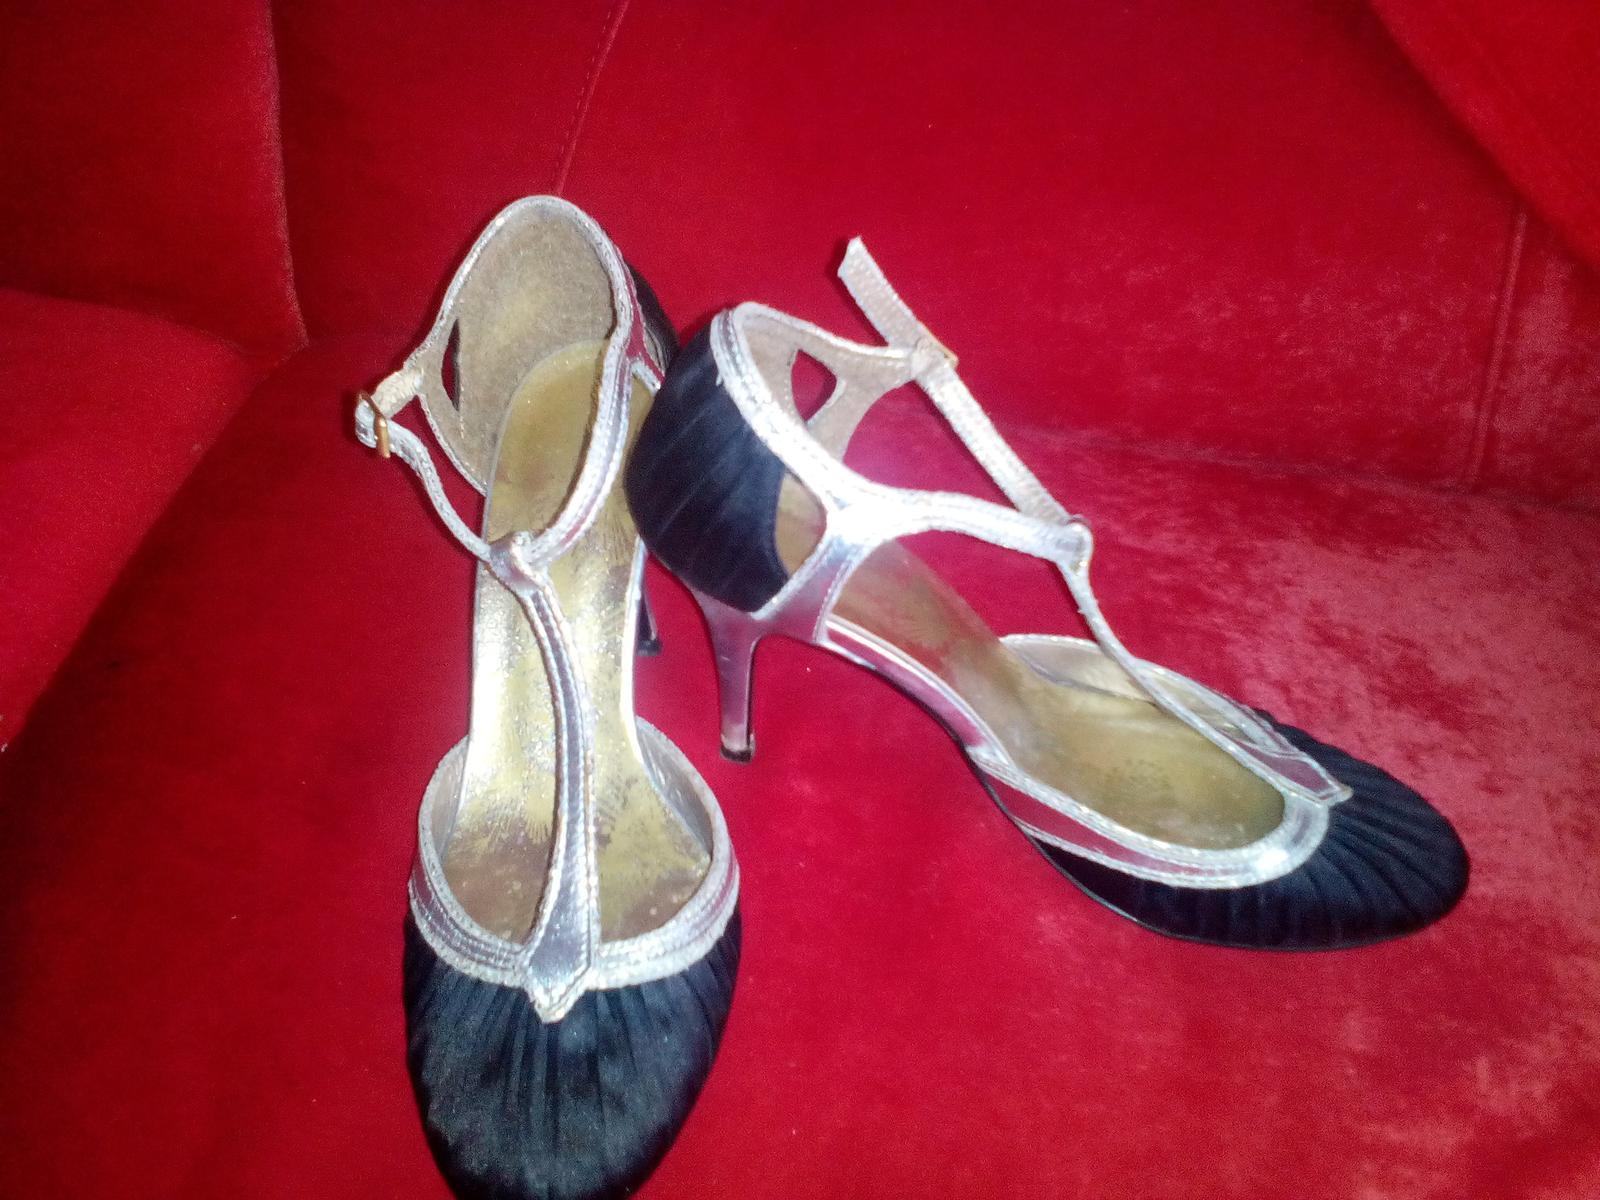 elegantna spolocenska obuv  - Obrázok č. 1